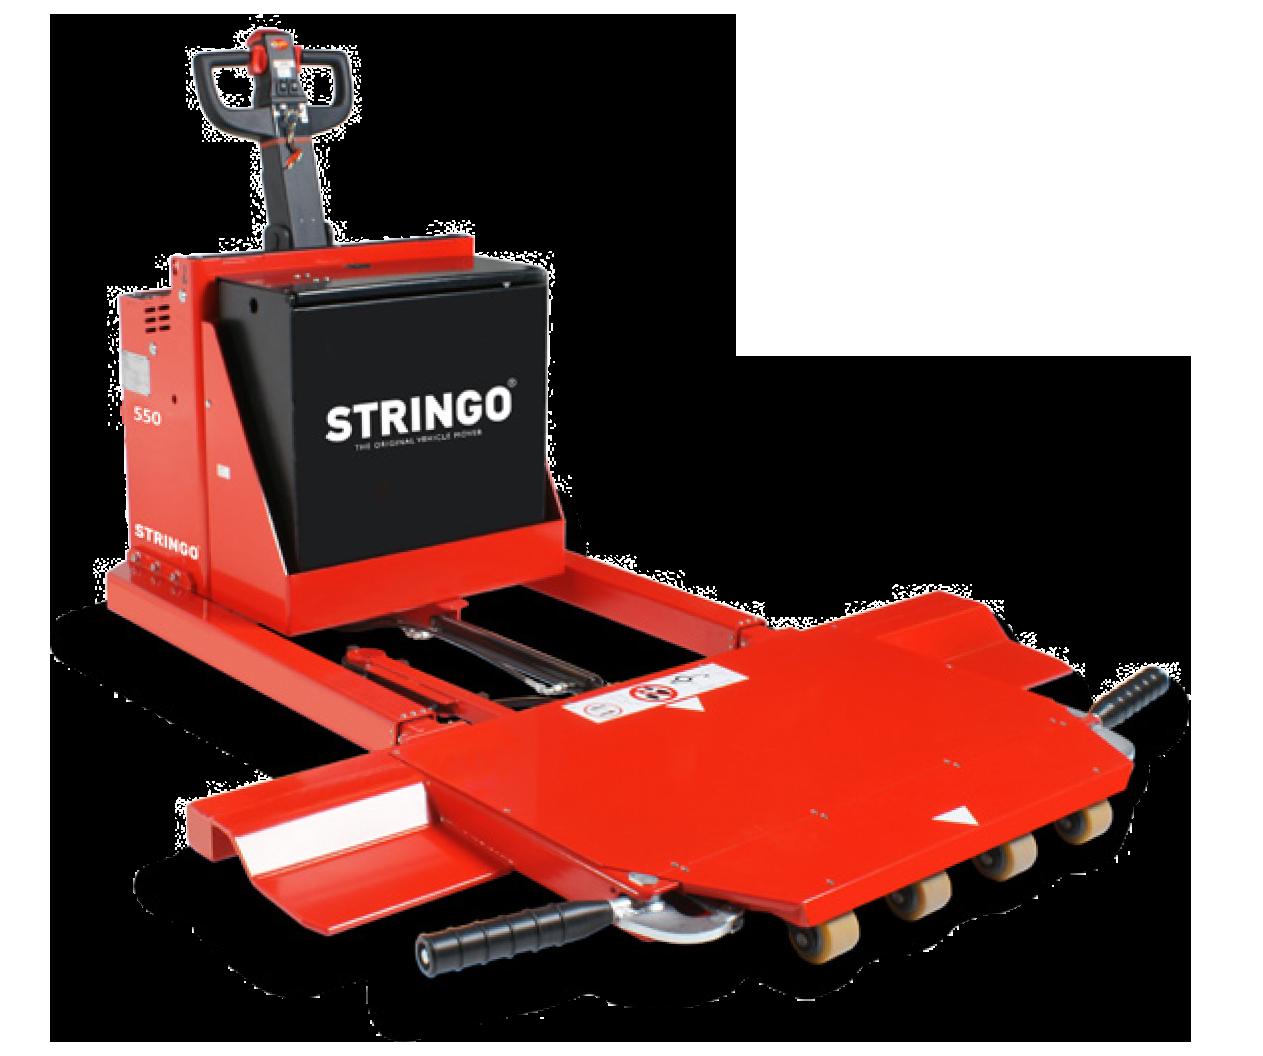 stringo-550-newone.png